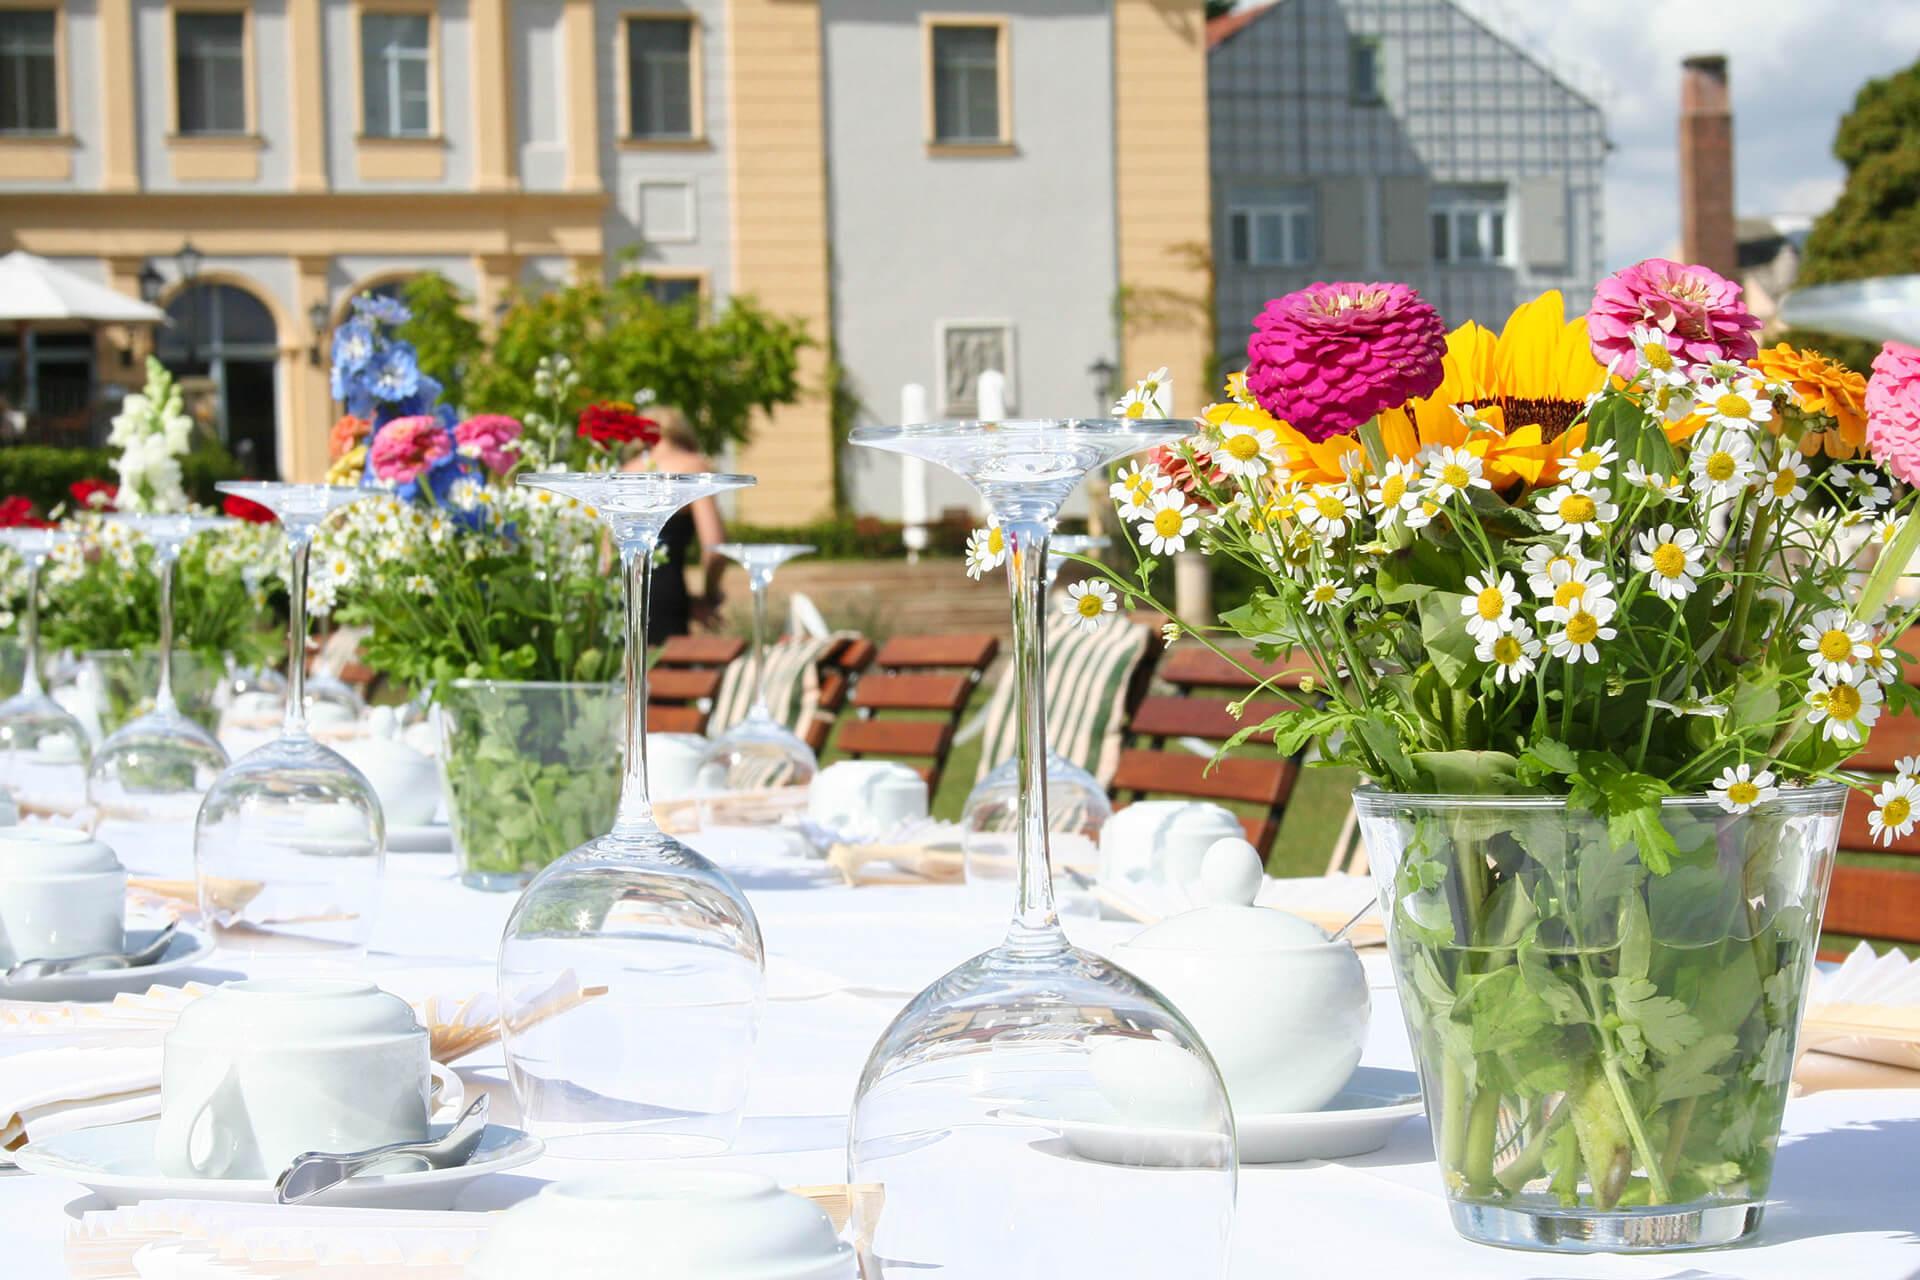 Feiern mit Familie oder Freunden im Schlosspark oder auf der Terrasse.